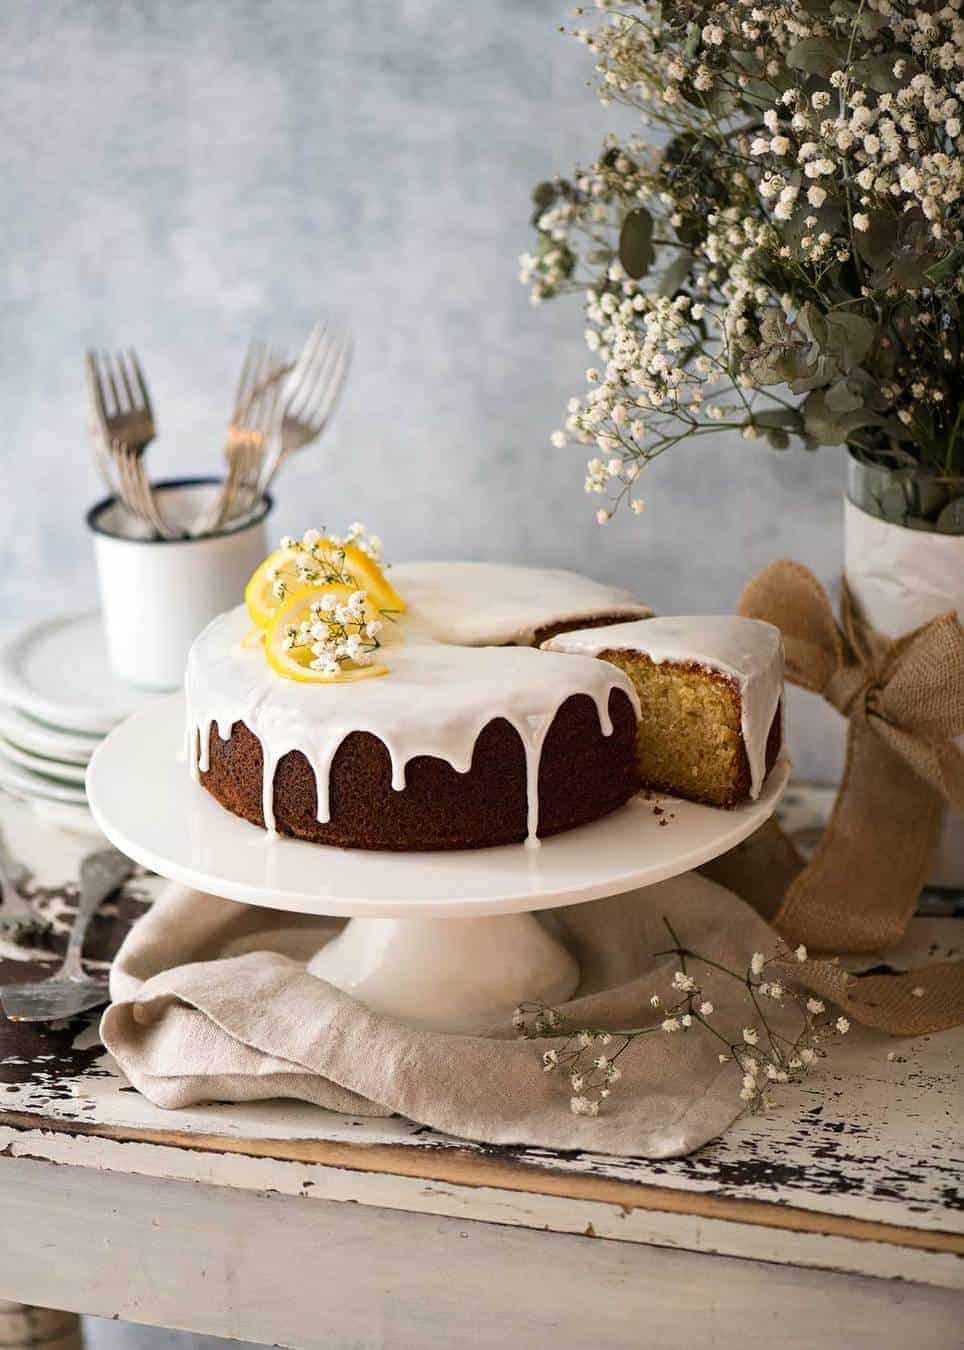 A beautiful, simple, moist Lemon Cake with Lemon Glaze on a cake stand.